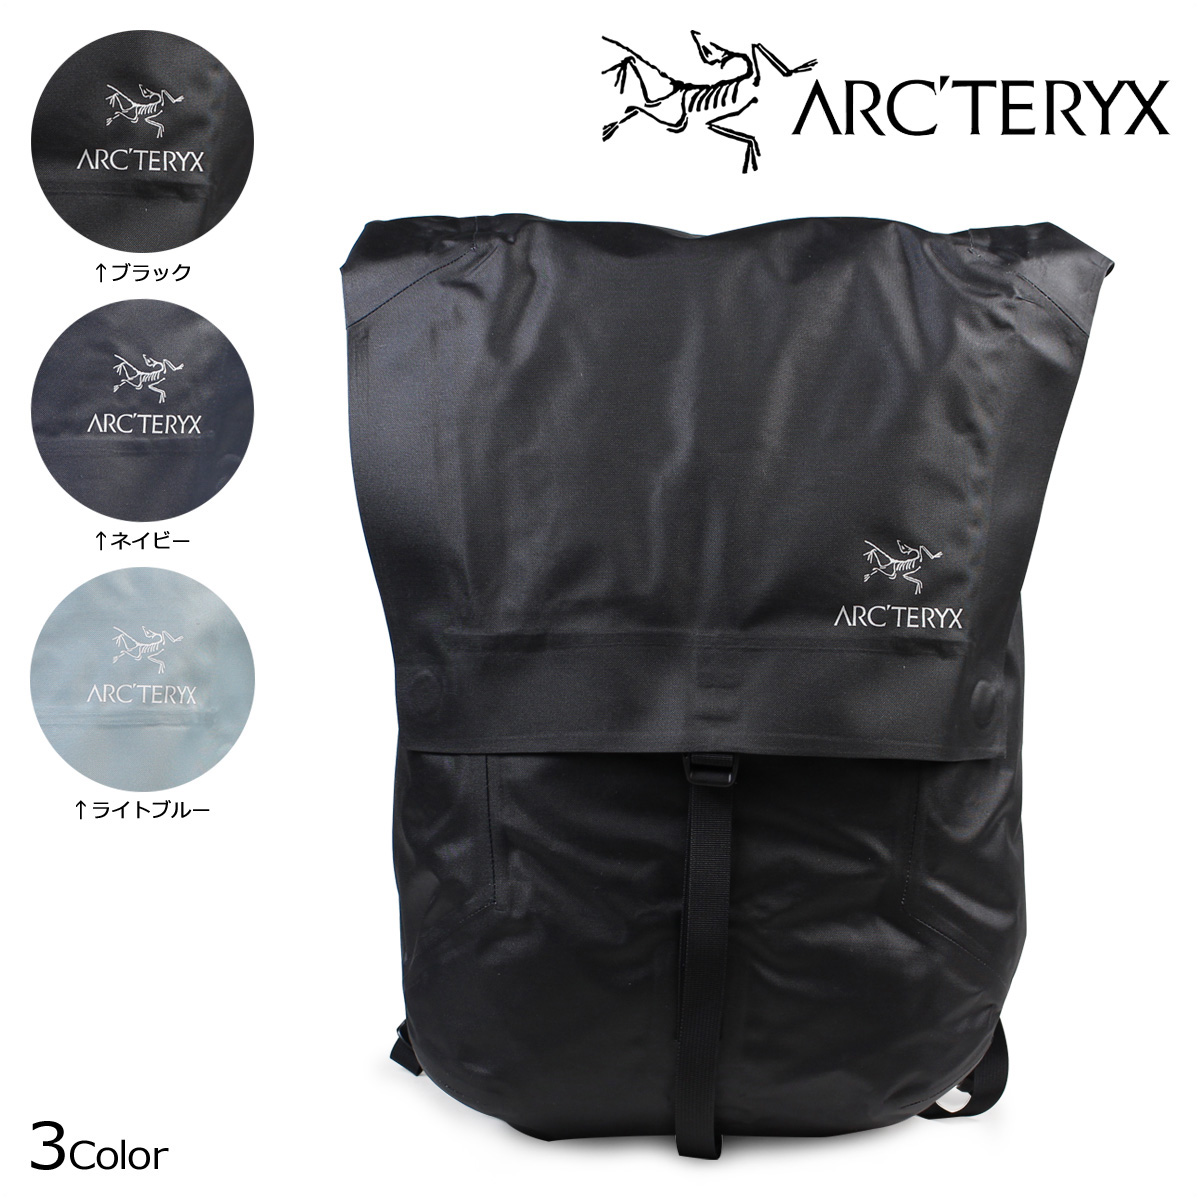 アークテリクス ARC'TERYX リュック バックパック バッグ GRANVILLE DAYPACK 18749 25L メンズ ブラック ネイビー ライトブルー